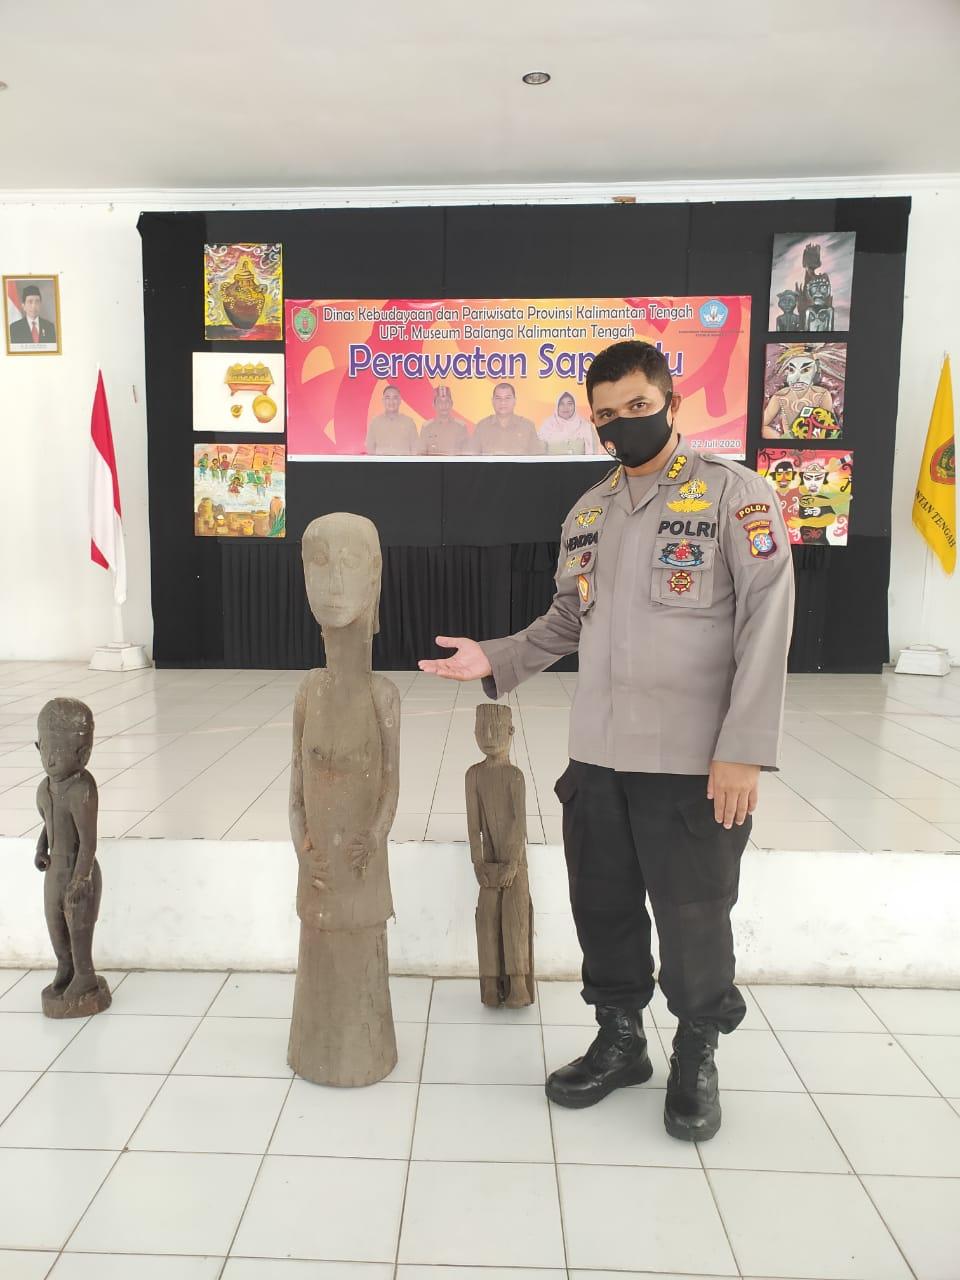 Dukung Kelestarian Budaya, Polda Kalteng Hadiri Perawatan Sapundu di UPT Museum Balanga